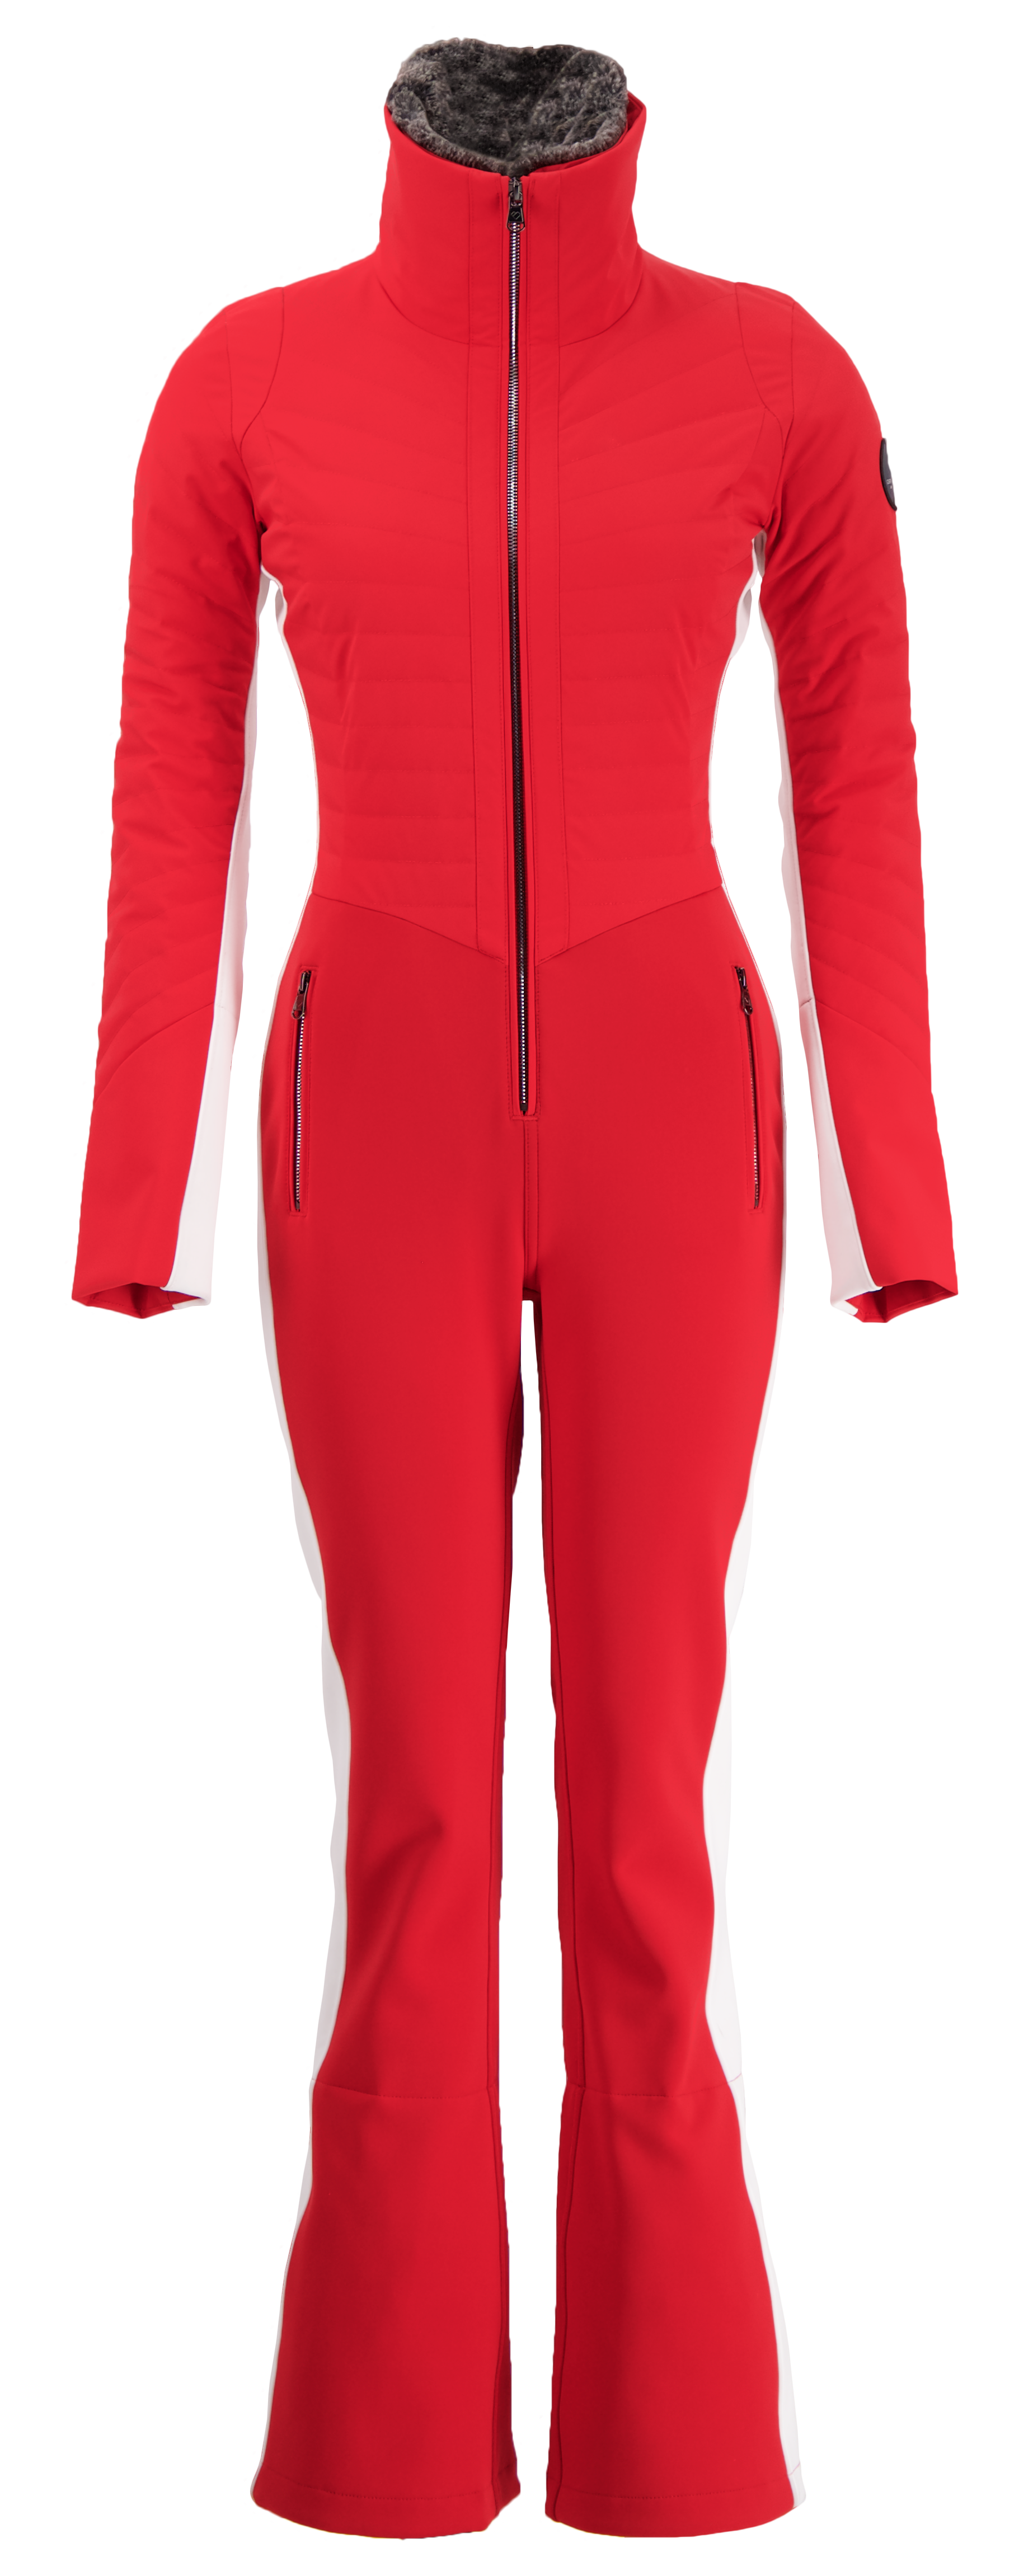 2016 Women's Dynastar Elite 11